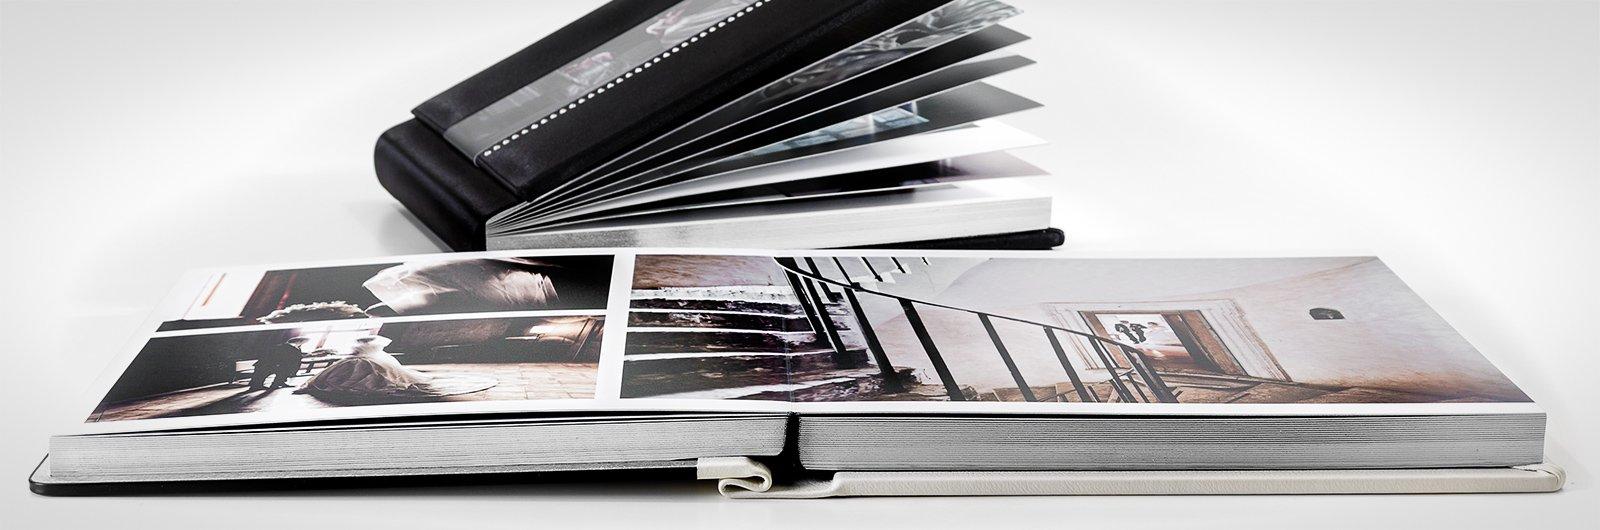 rilegatura-album-fotografici.jpg